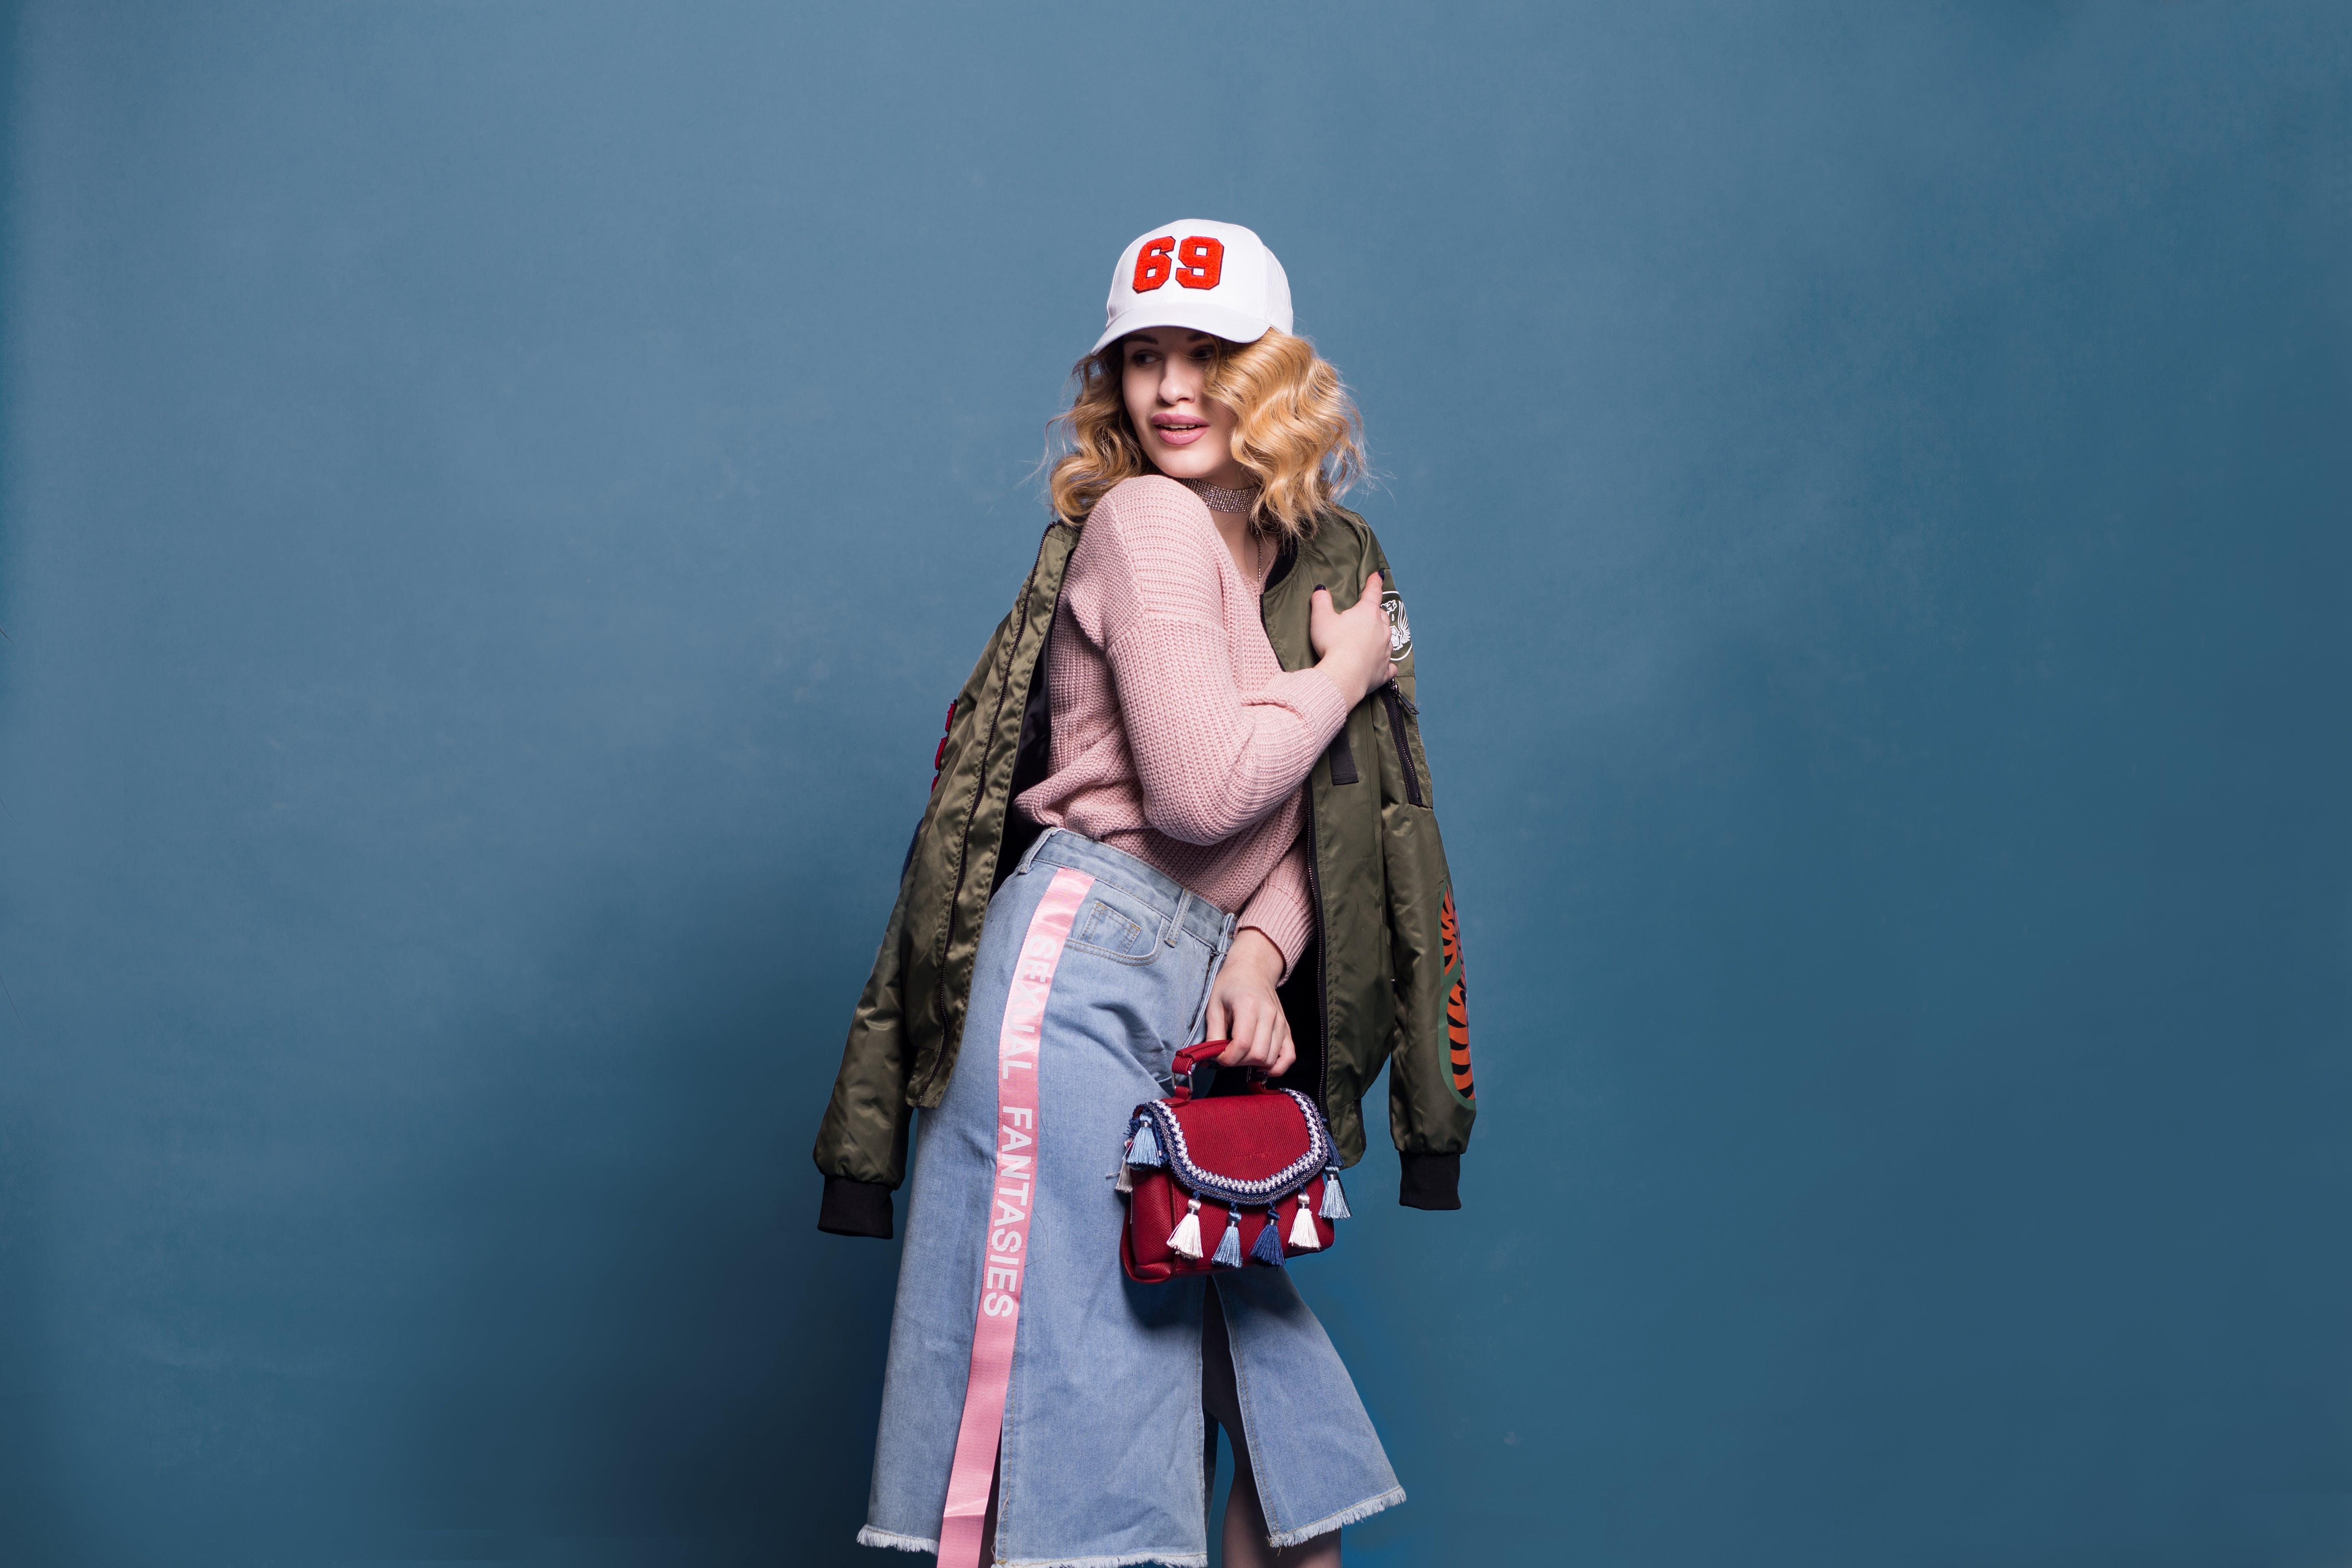 Kostenloses Stock Foto zu blauem hintergrund, denim, erholung, fashion